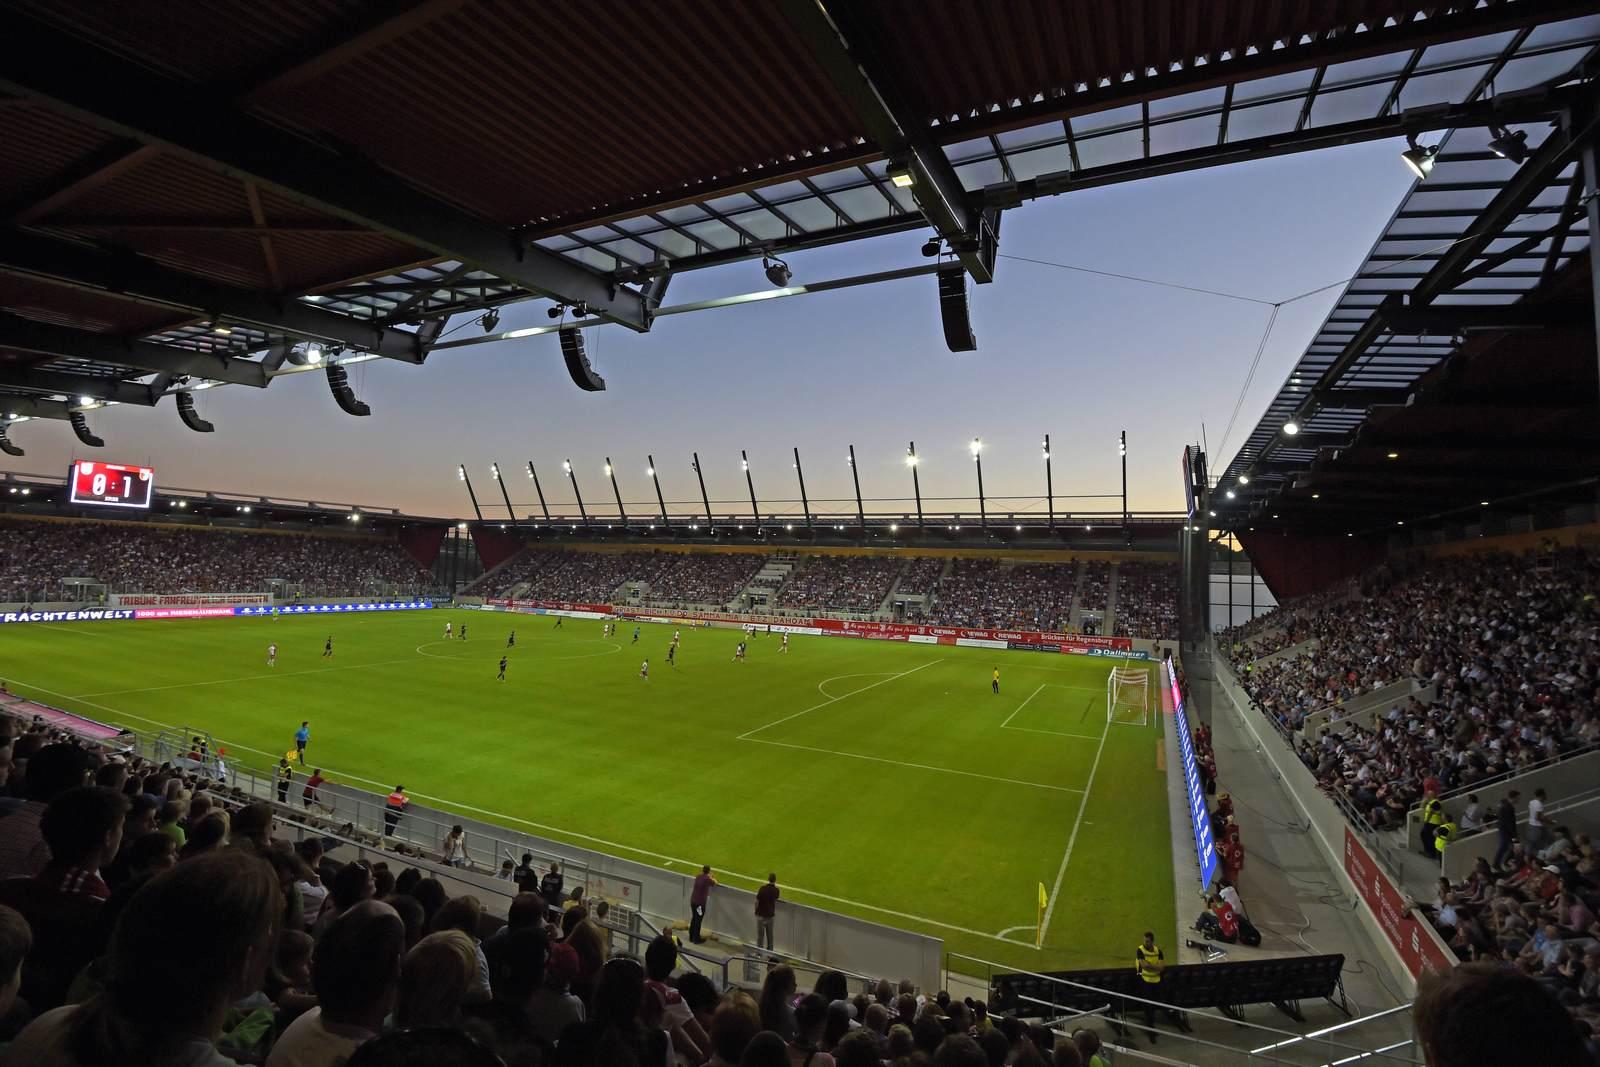 Das Stadion von Jahn Regensburg, die Continental Arena